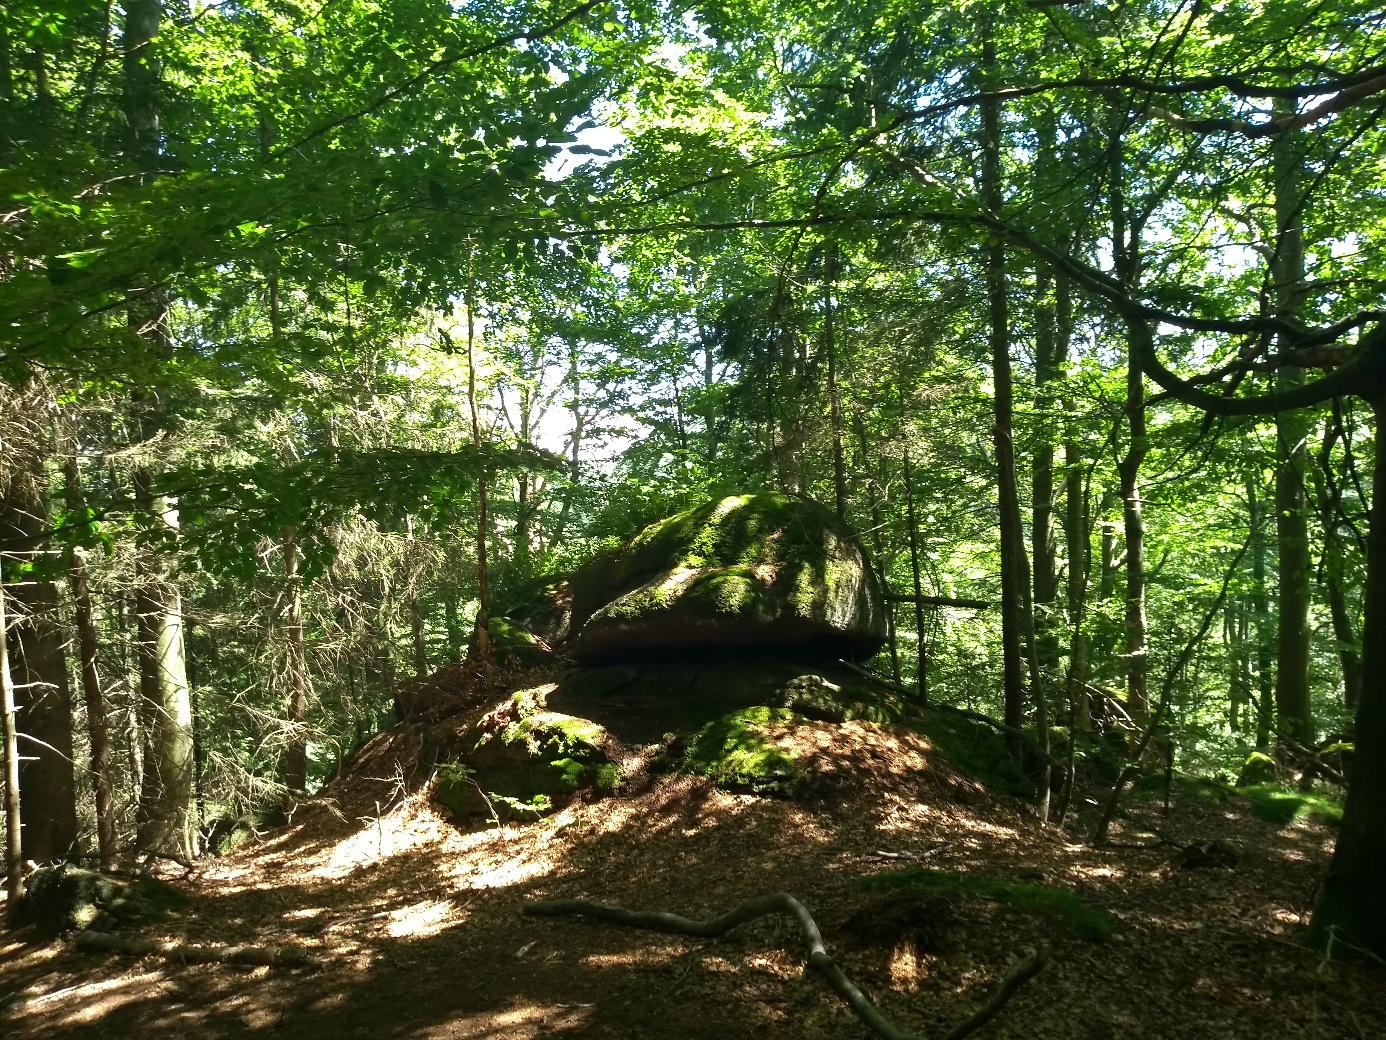 Krásné smíšené lesy na jizerské hřebenovce. Dejme si pozor, abychom při honbě za snižováním emisí oxidu uhličitého nenadělali větší environmentální škody než užitek. (Foto Vladimír Wagner).